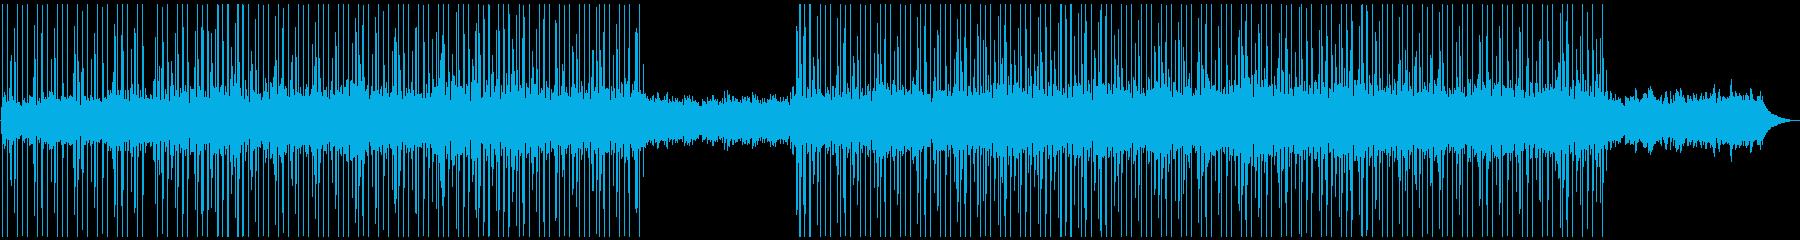 優しい雰囲気・日常系チルBGMの再生済みの波形